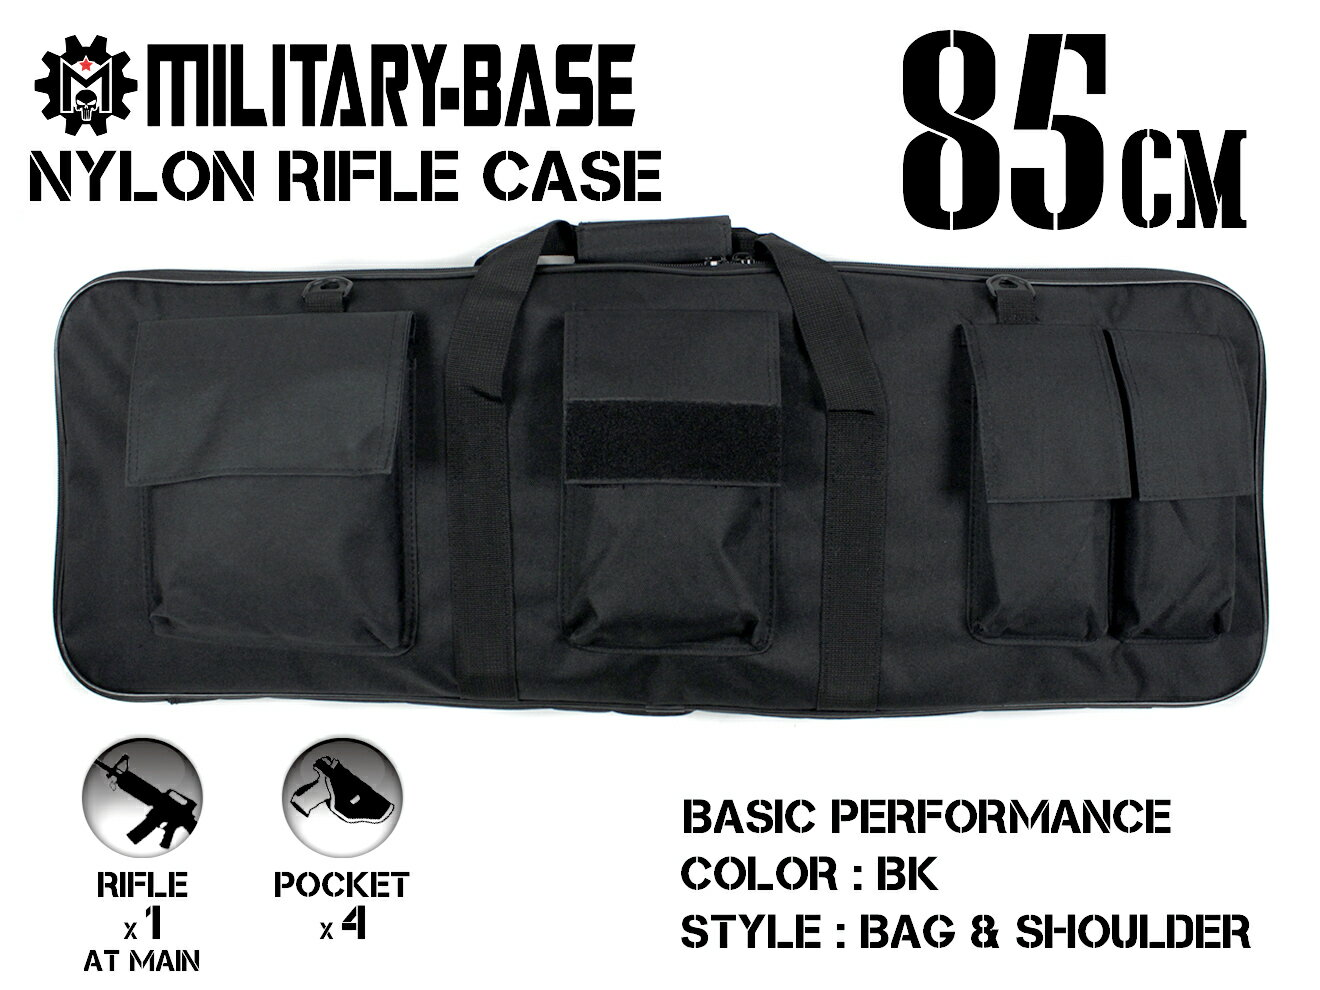 【M4/HK416D/G36Cなどカービンサイズに最適】85cm ナイロンライフルケース BK◆ポケット付き ガンケース サバゲ 移動 運搬 保管 などに